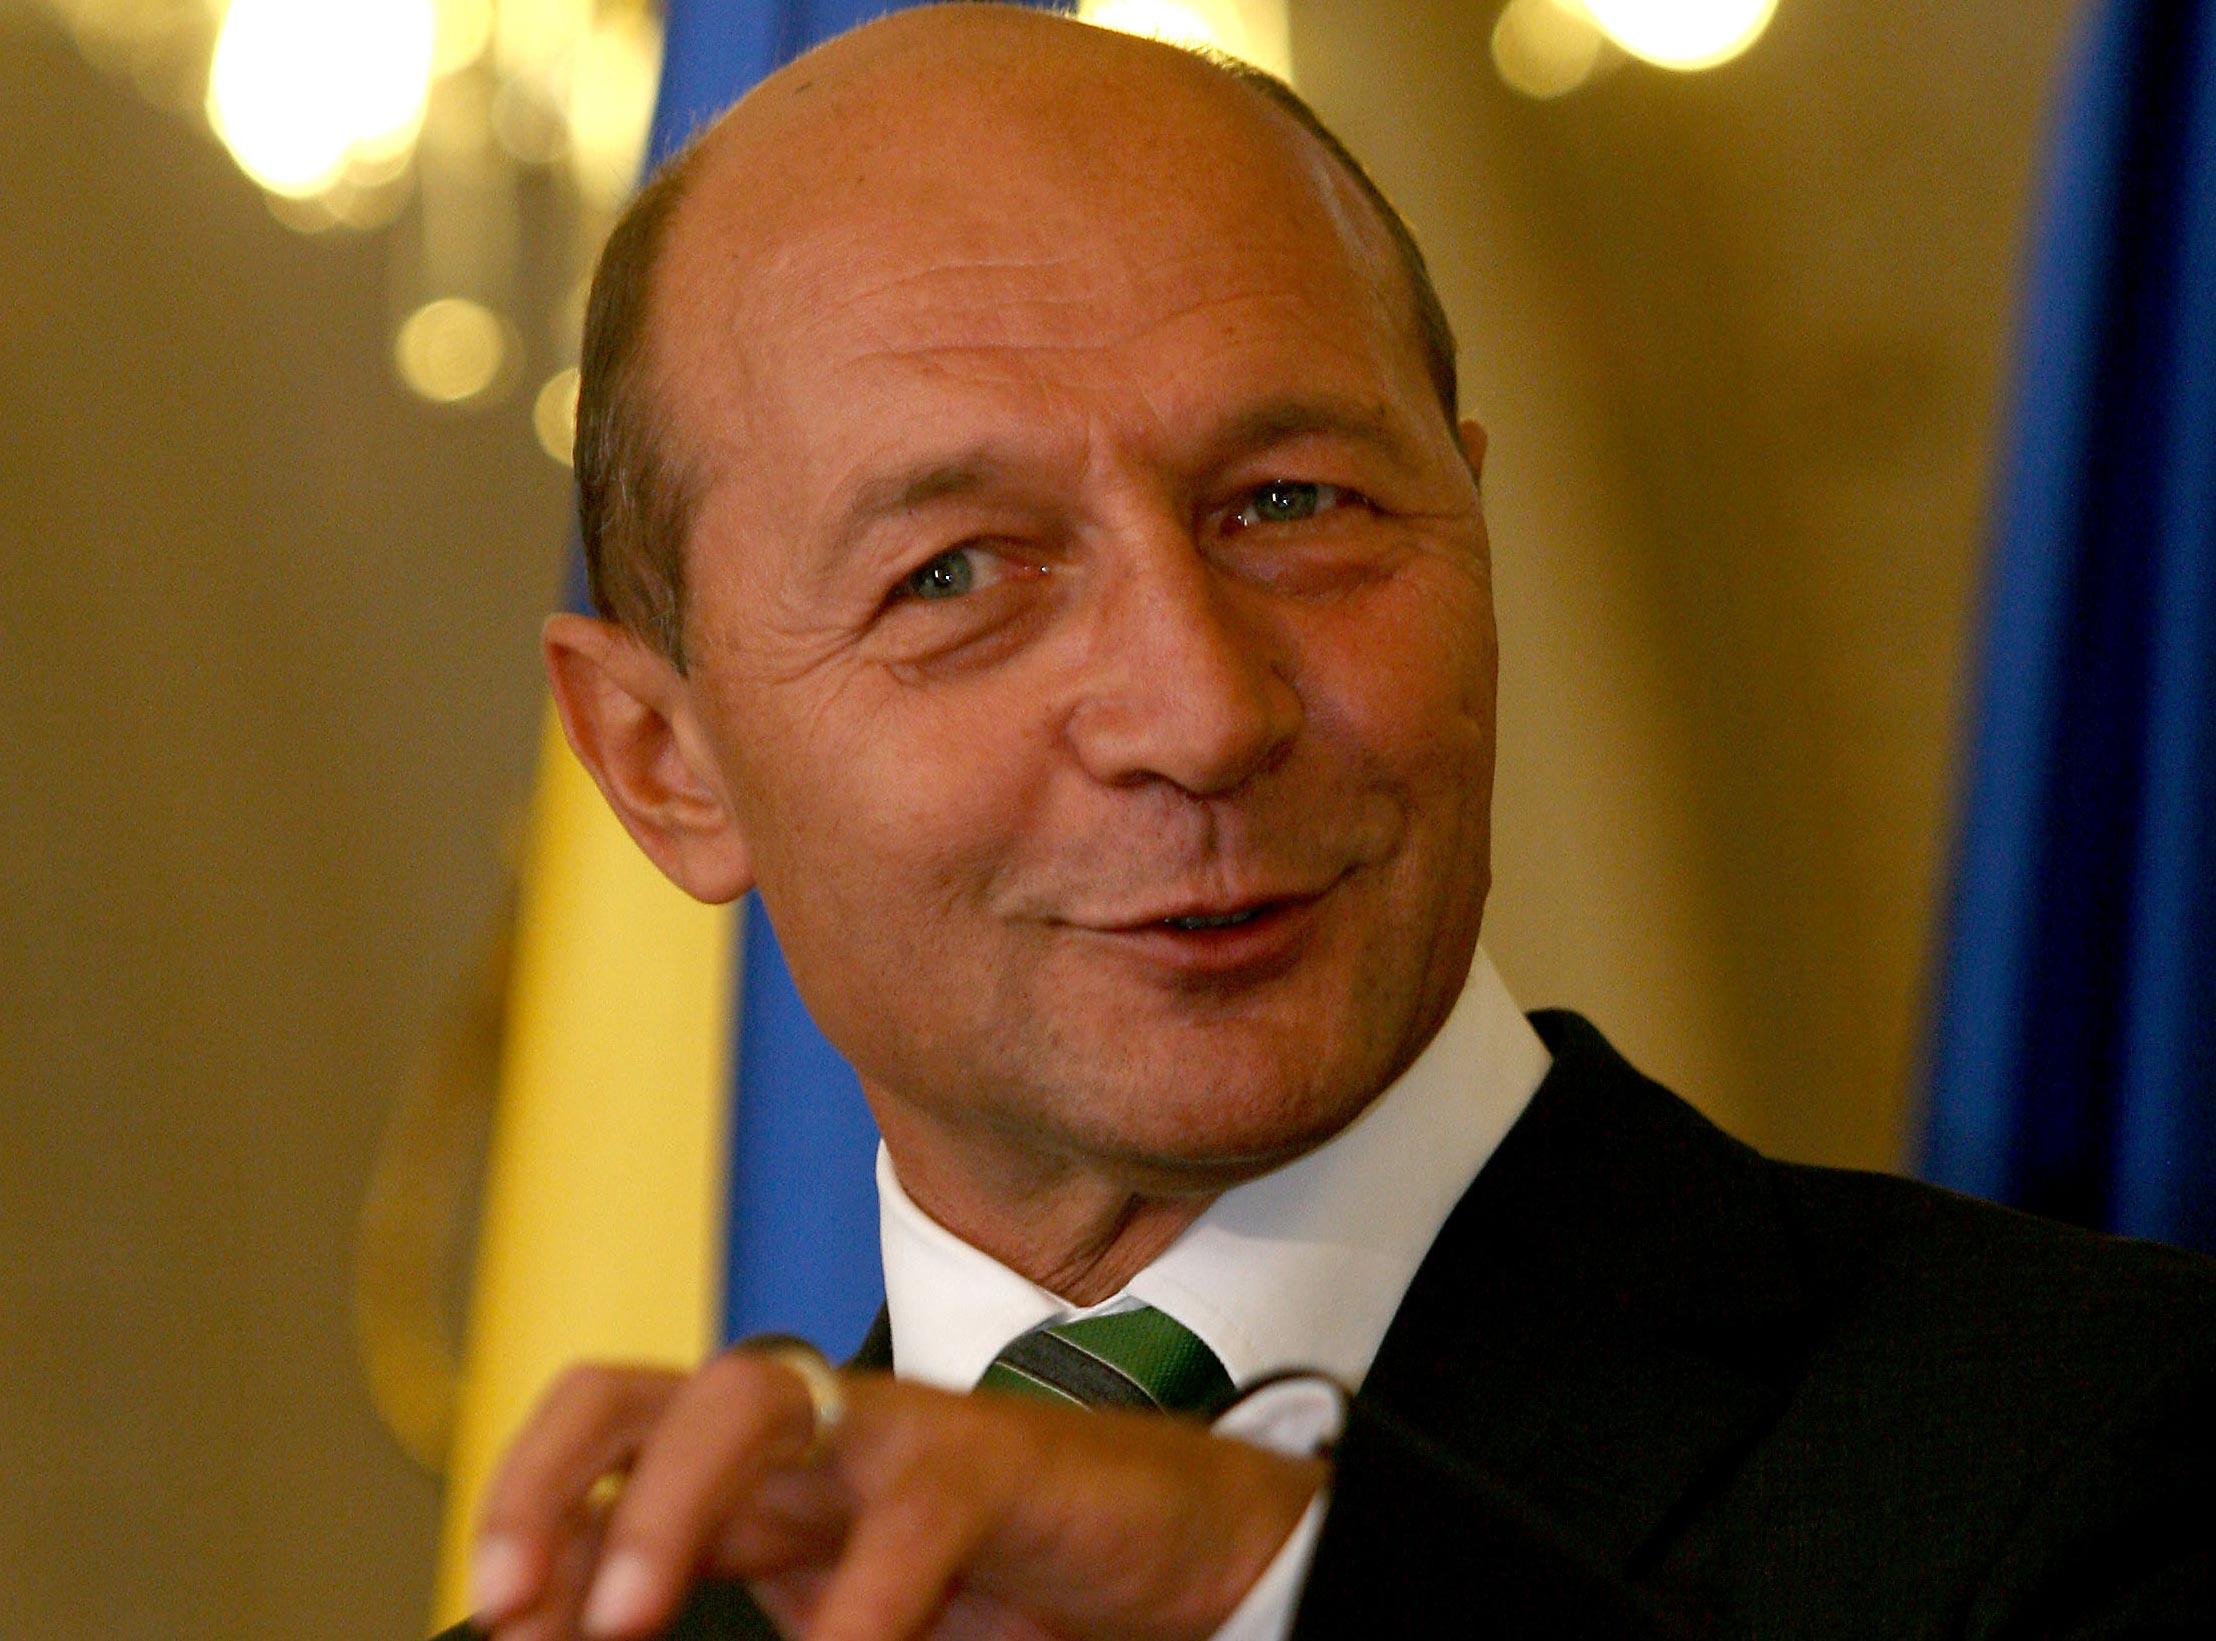 Traian Băsescu a transmis un mesaj de felicitare preşedintelui ales al Israelului, Reuven Rivlin